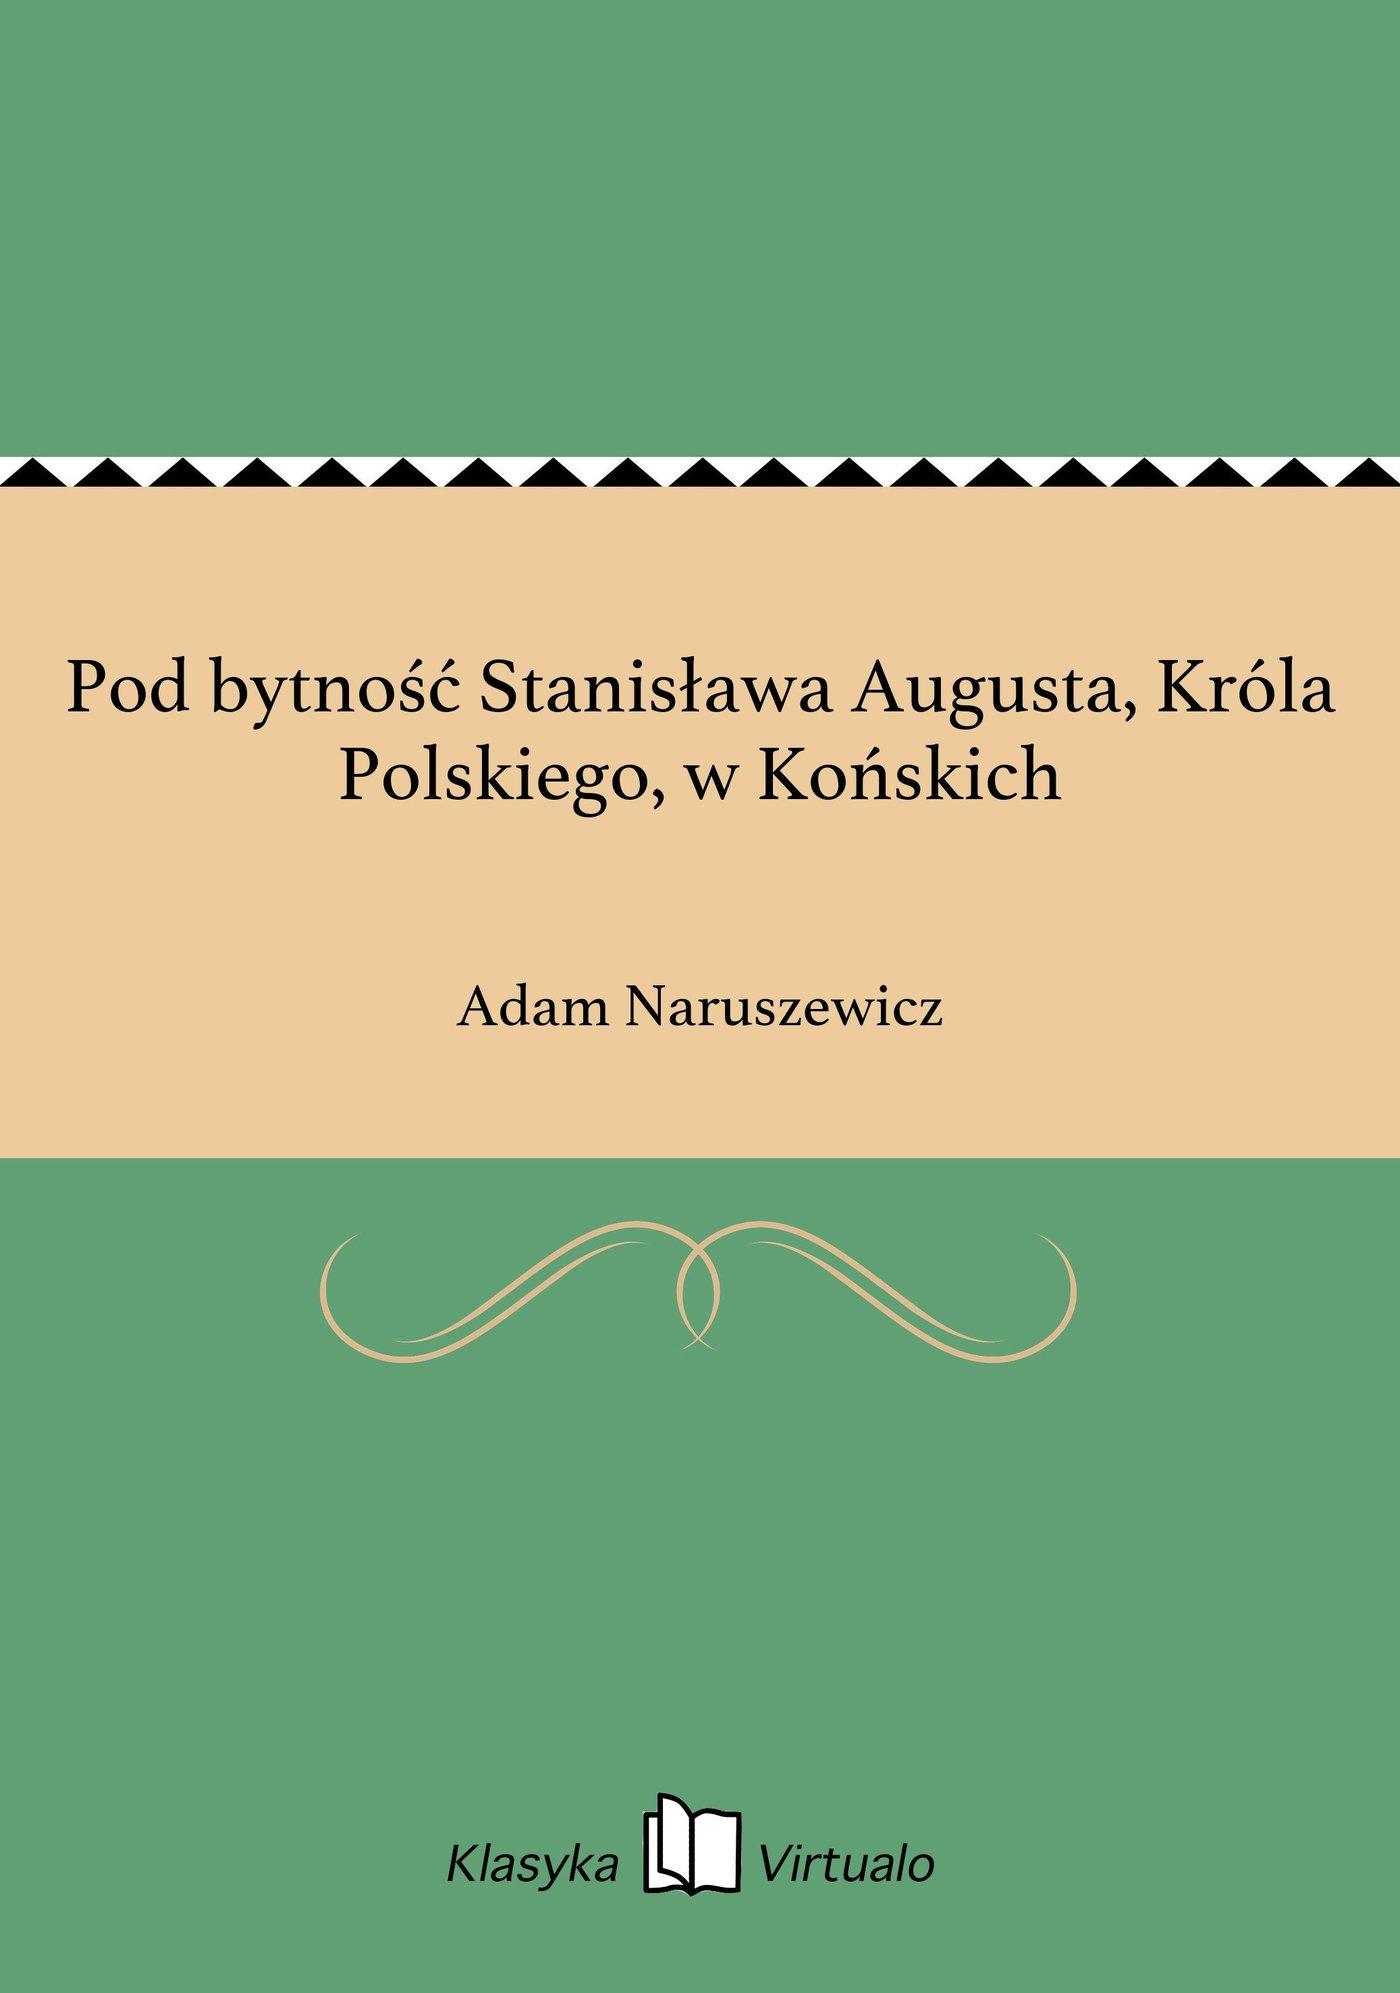 Pod bytność Stanisława Augusta, Króla Polskiego, w Końskich - Ebook (Książka EPUB) do pobrania w formacie EPUB